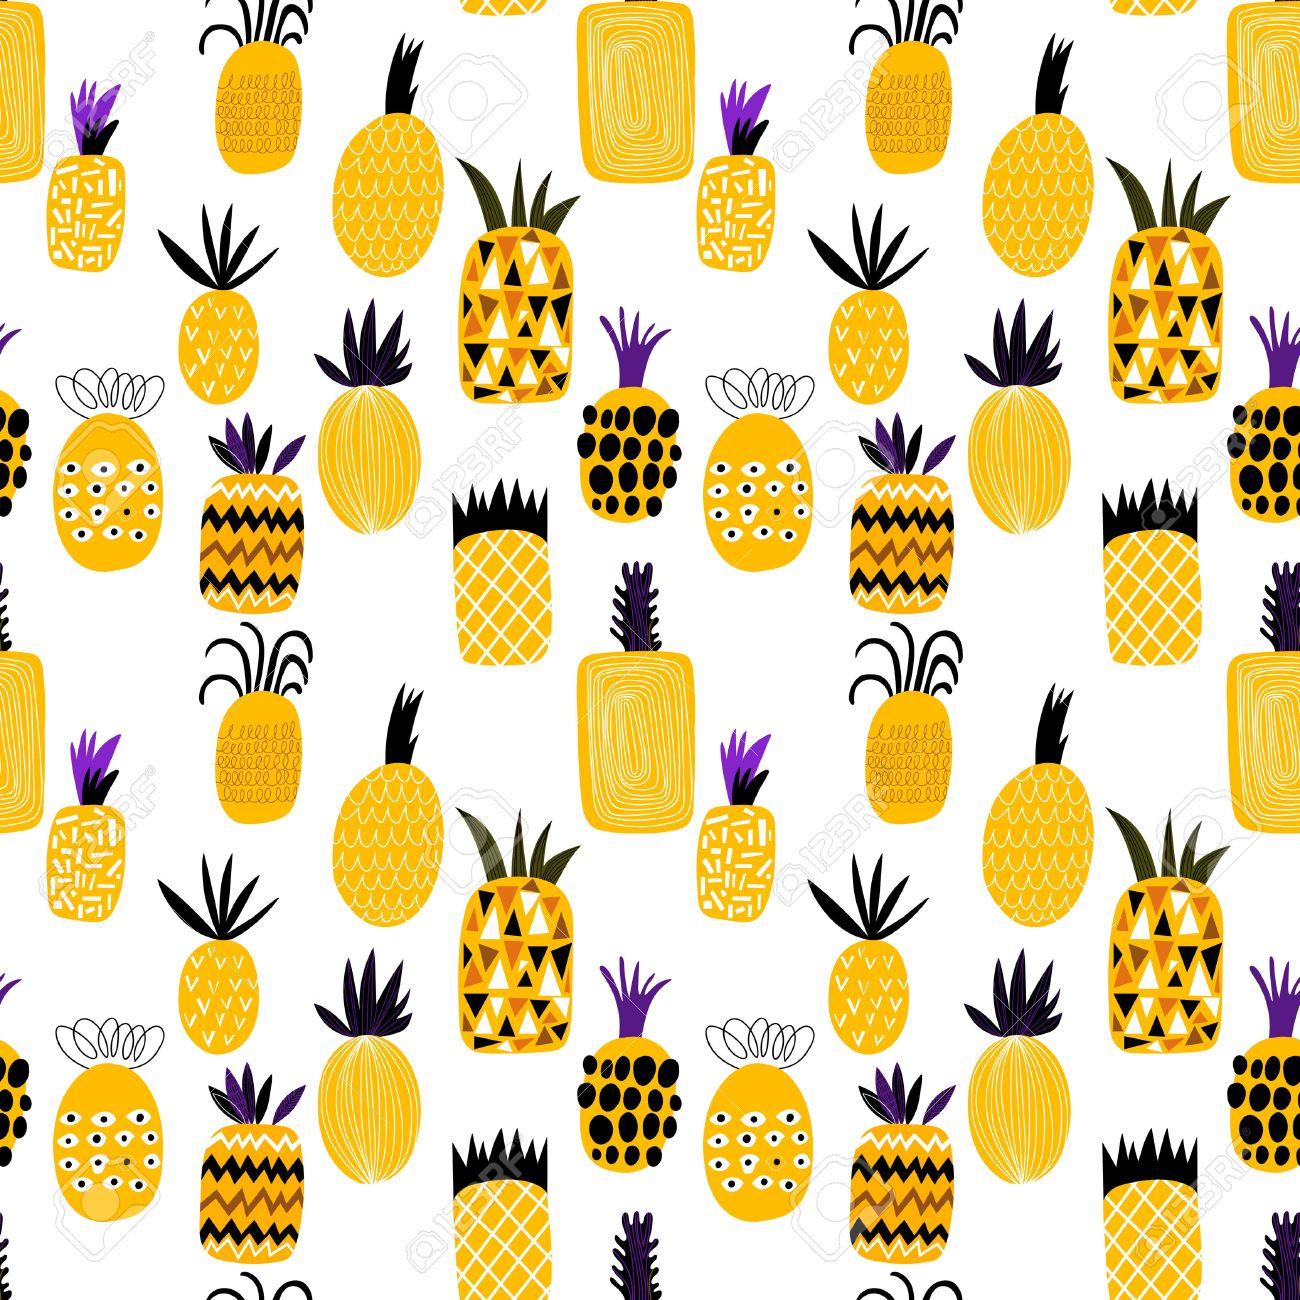 夏パイナップル フルーツ イラスト背景パターン シームレス パターンを壁紙 パターンの塗りつぶし Web ページの背景テクスチャ使用できます のイラスト素材 ベクタ Image